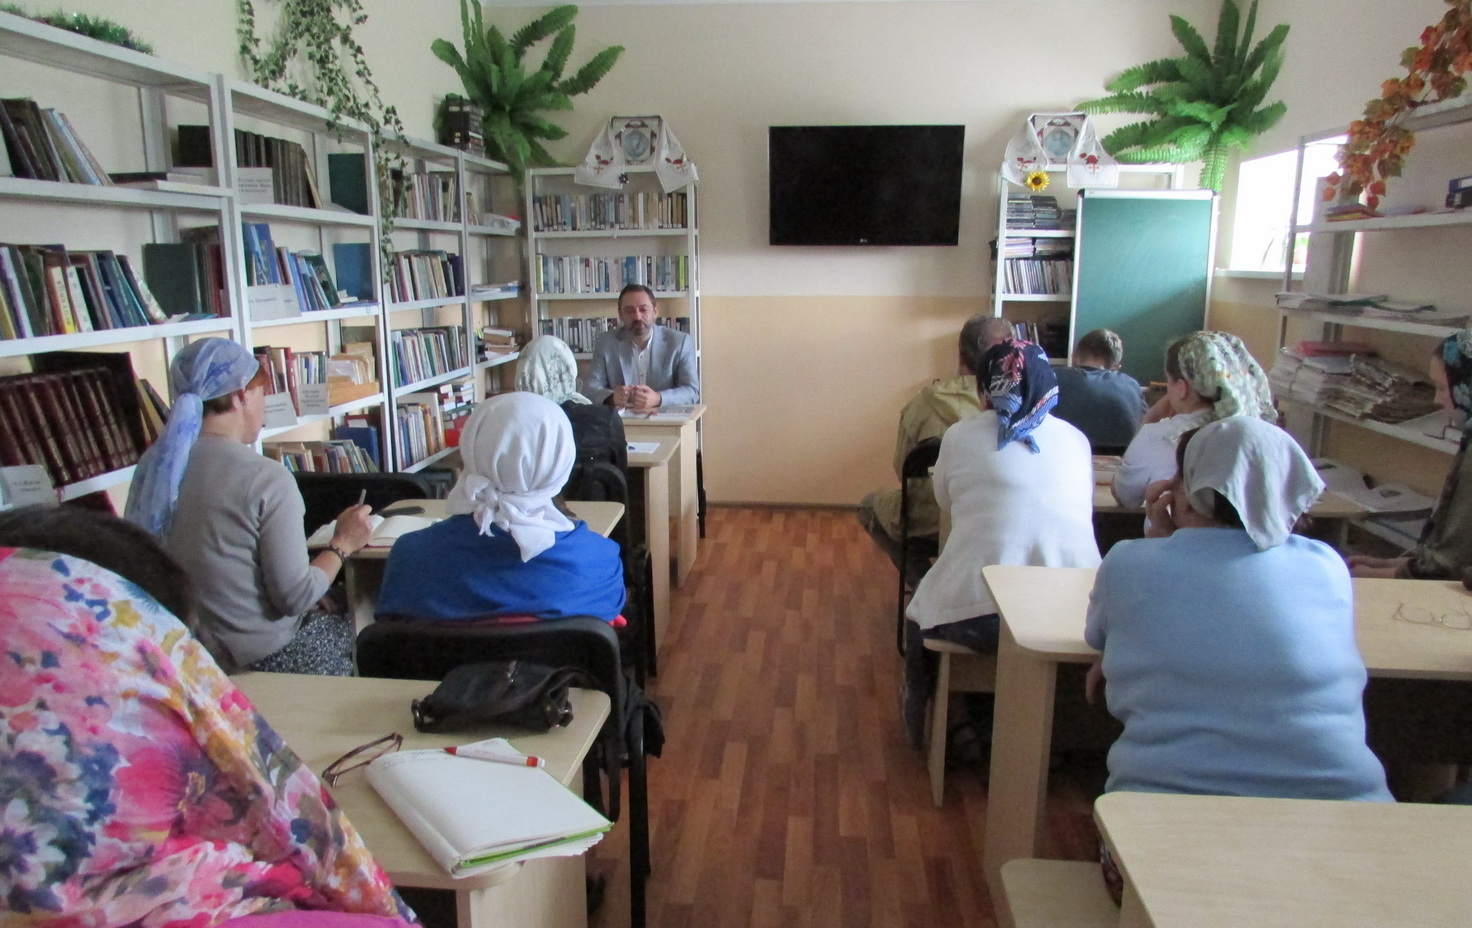 МИАН и центр «Ковчег» провели мероприятие, посвященное исихастскому наследию Афона